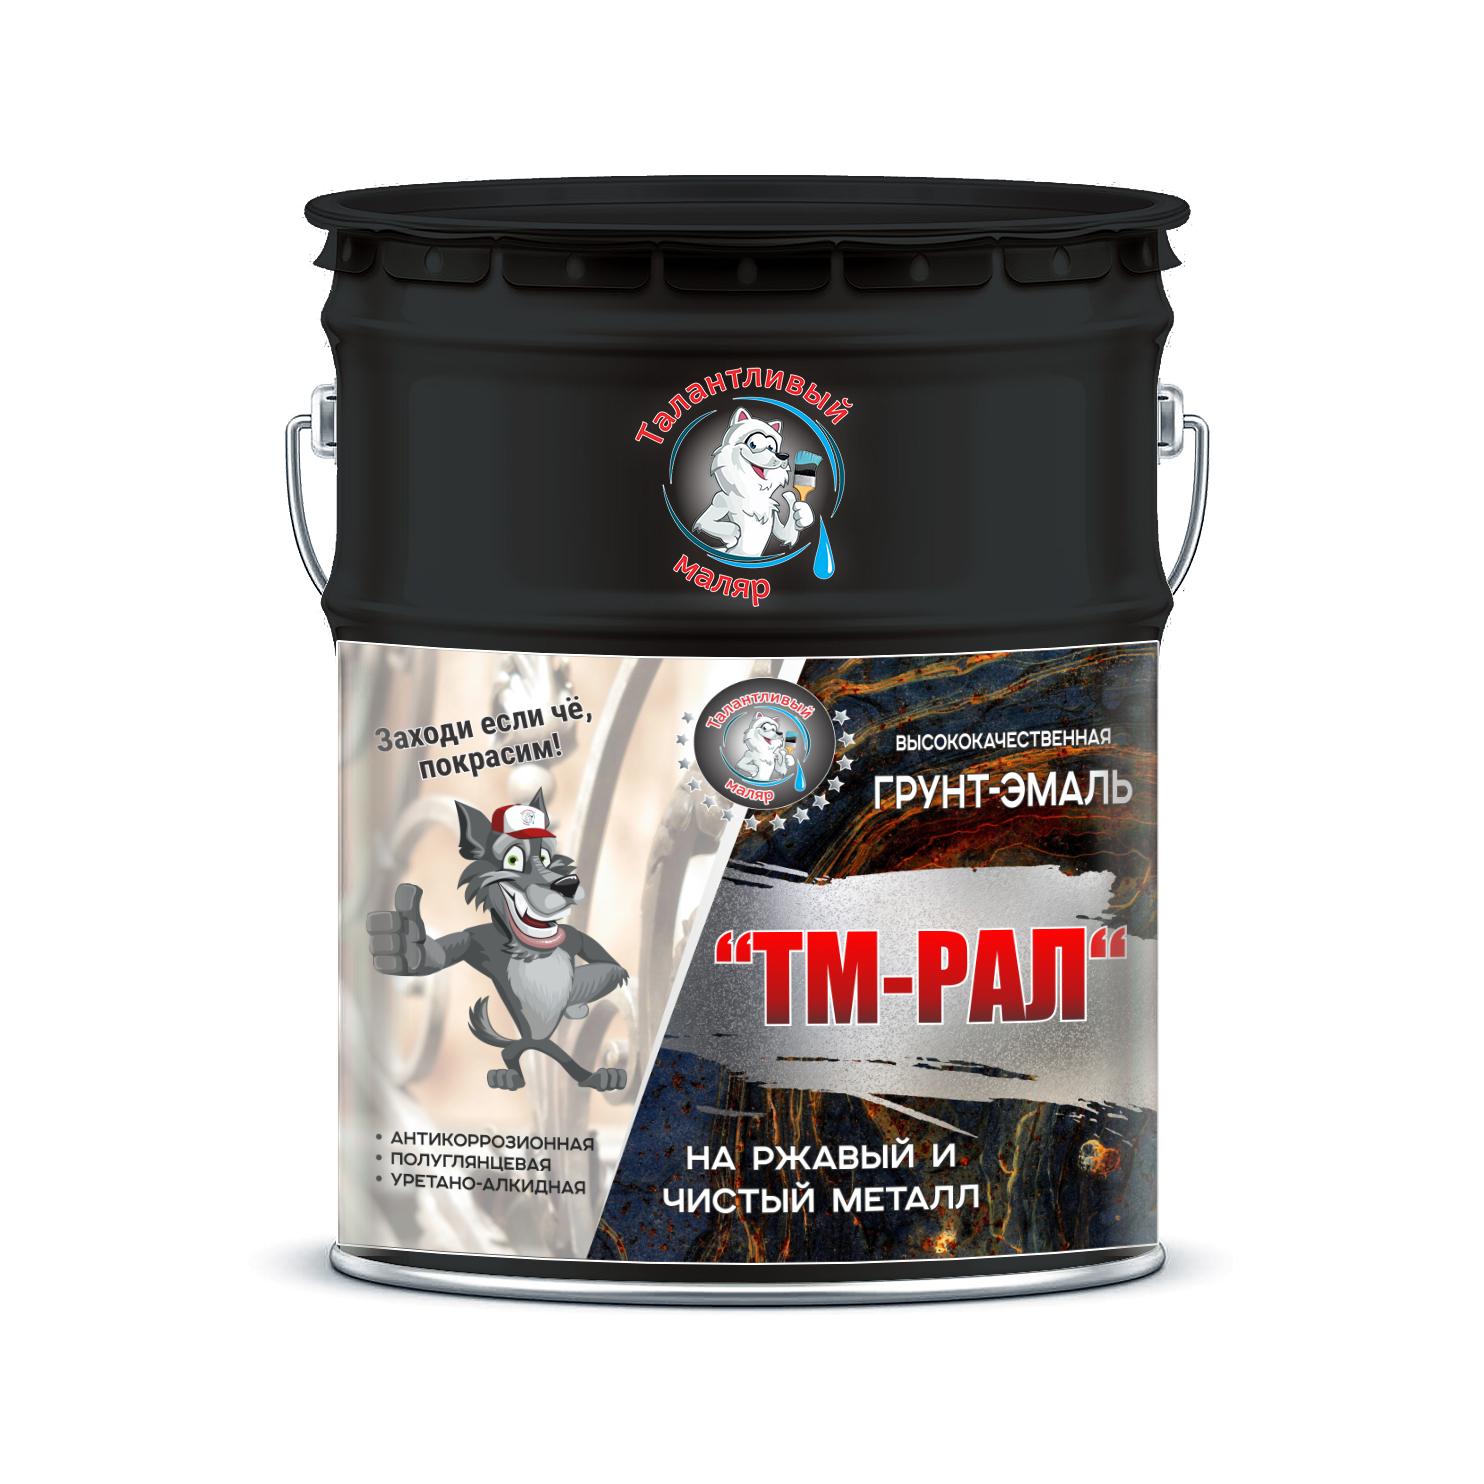 """Фото 16 - TM7021 Грунт-Эмаль """"ТМ РАЛ"""" уретано-алкидная 3 в 1 цвет RAL 7021 Чёрно-серый, антикоррозионная,  полуглянцевая для черных металлов, 20 кг """"Талантливый маляр""""."""